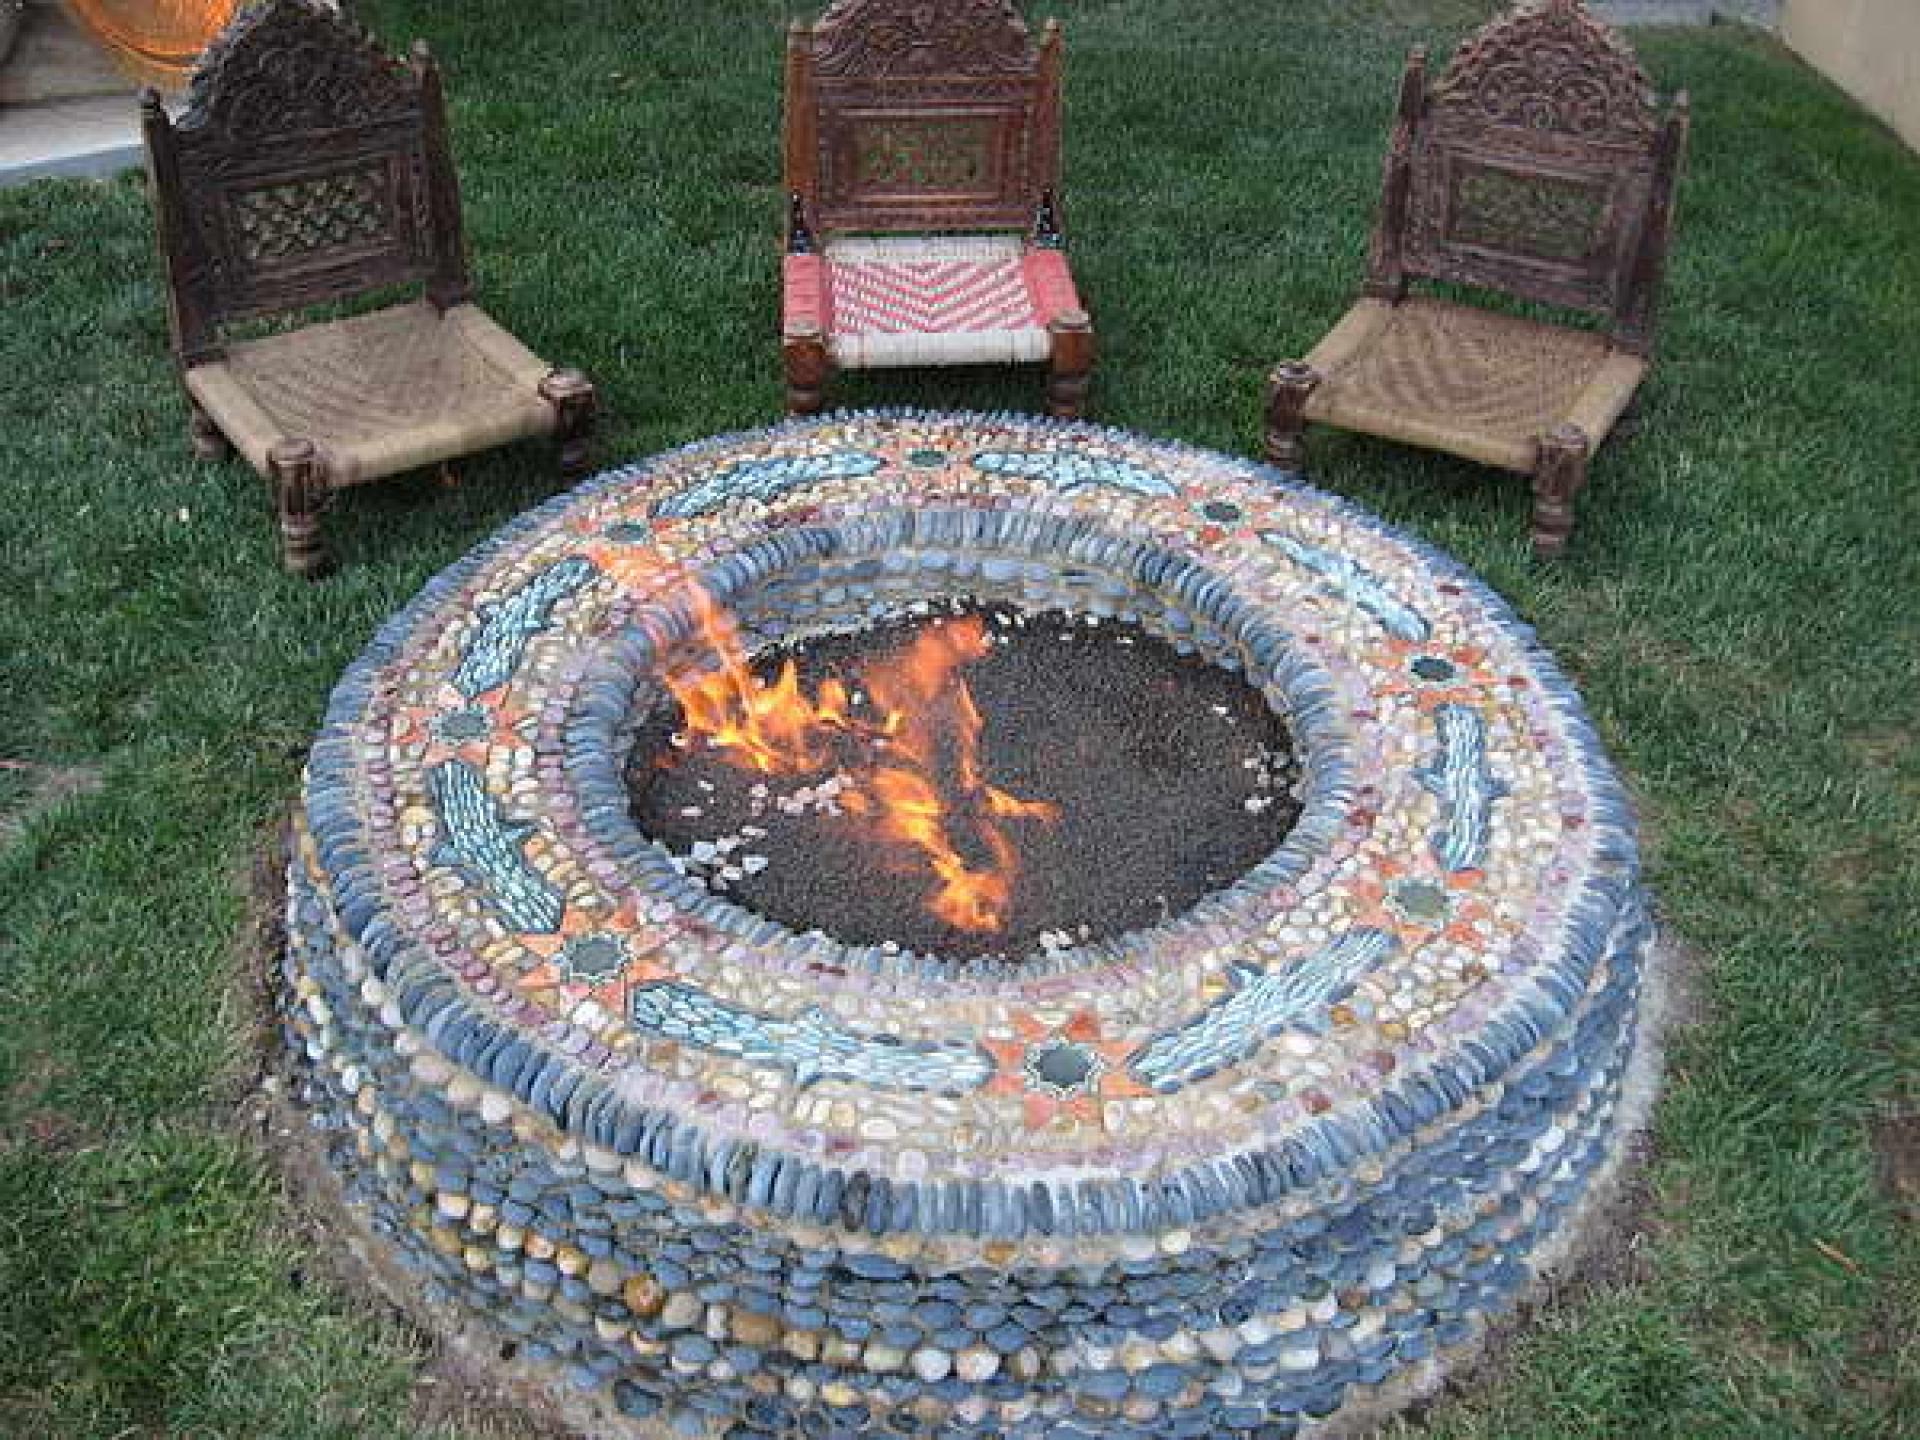 16 ideas para arreglar tu jard n con bajo presupuesto for Ideas para el jardin reciclando